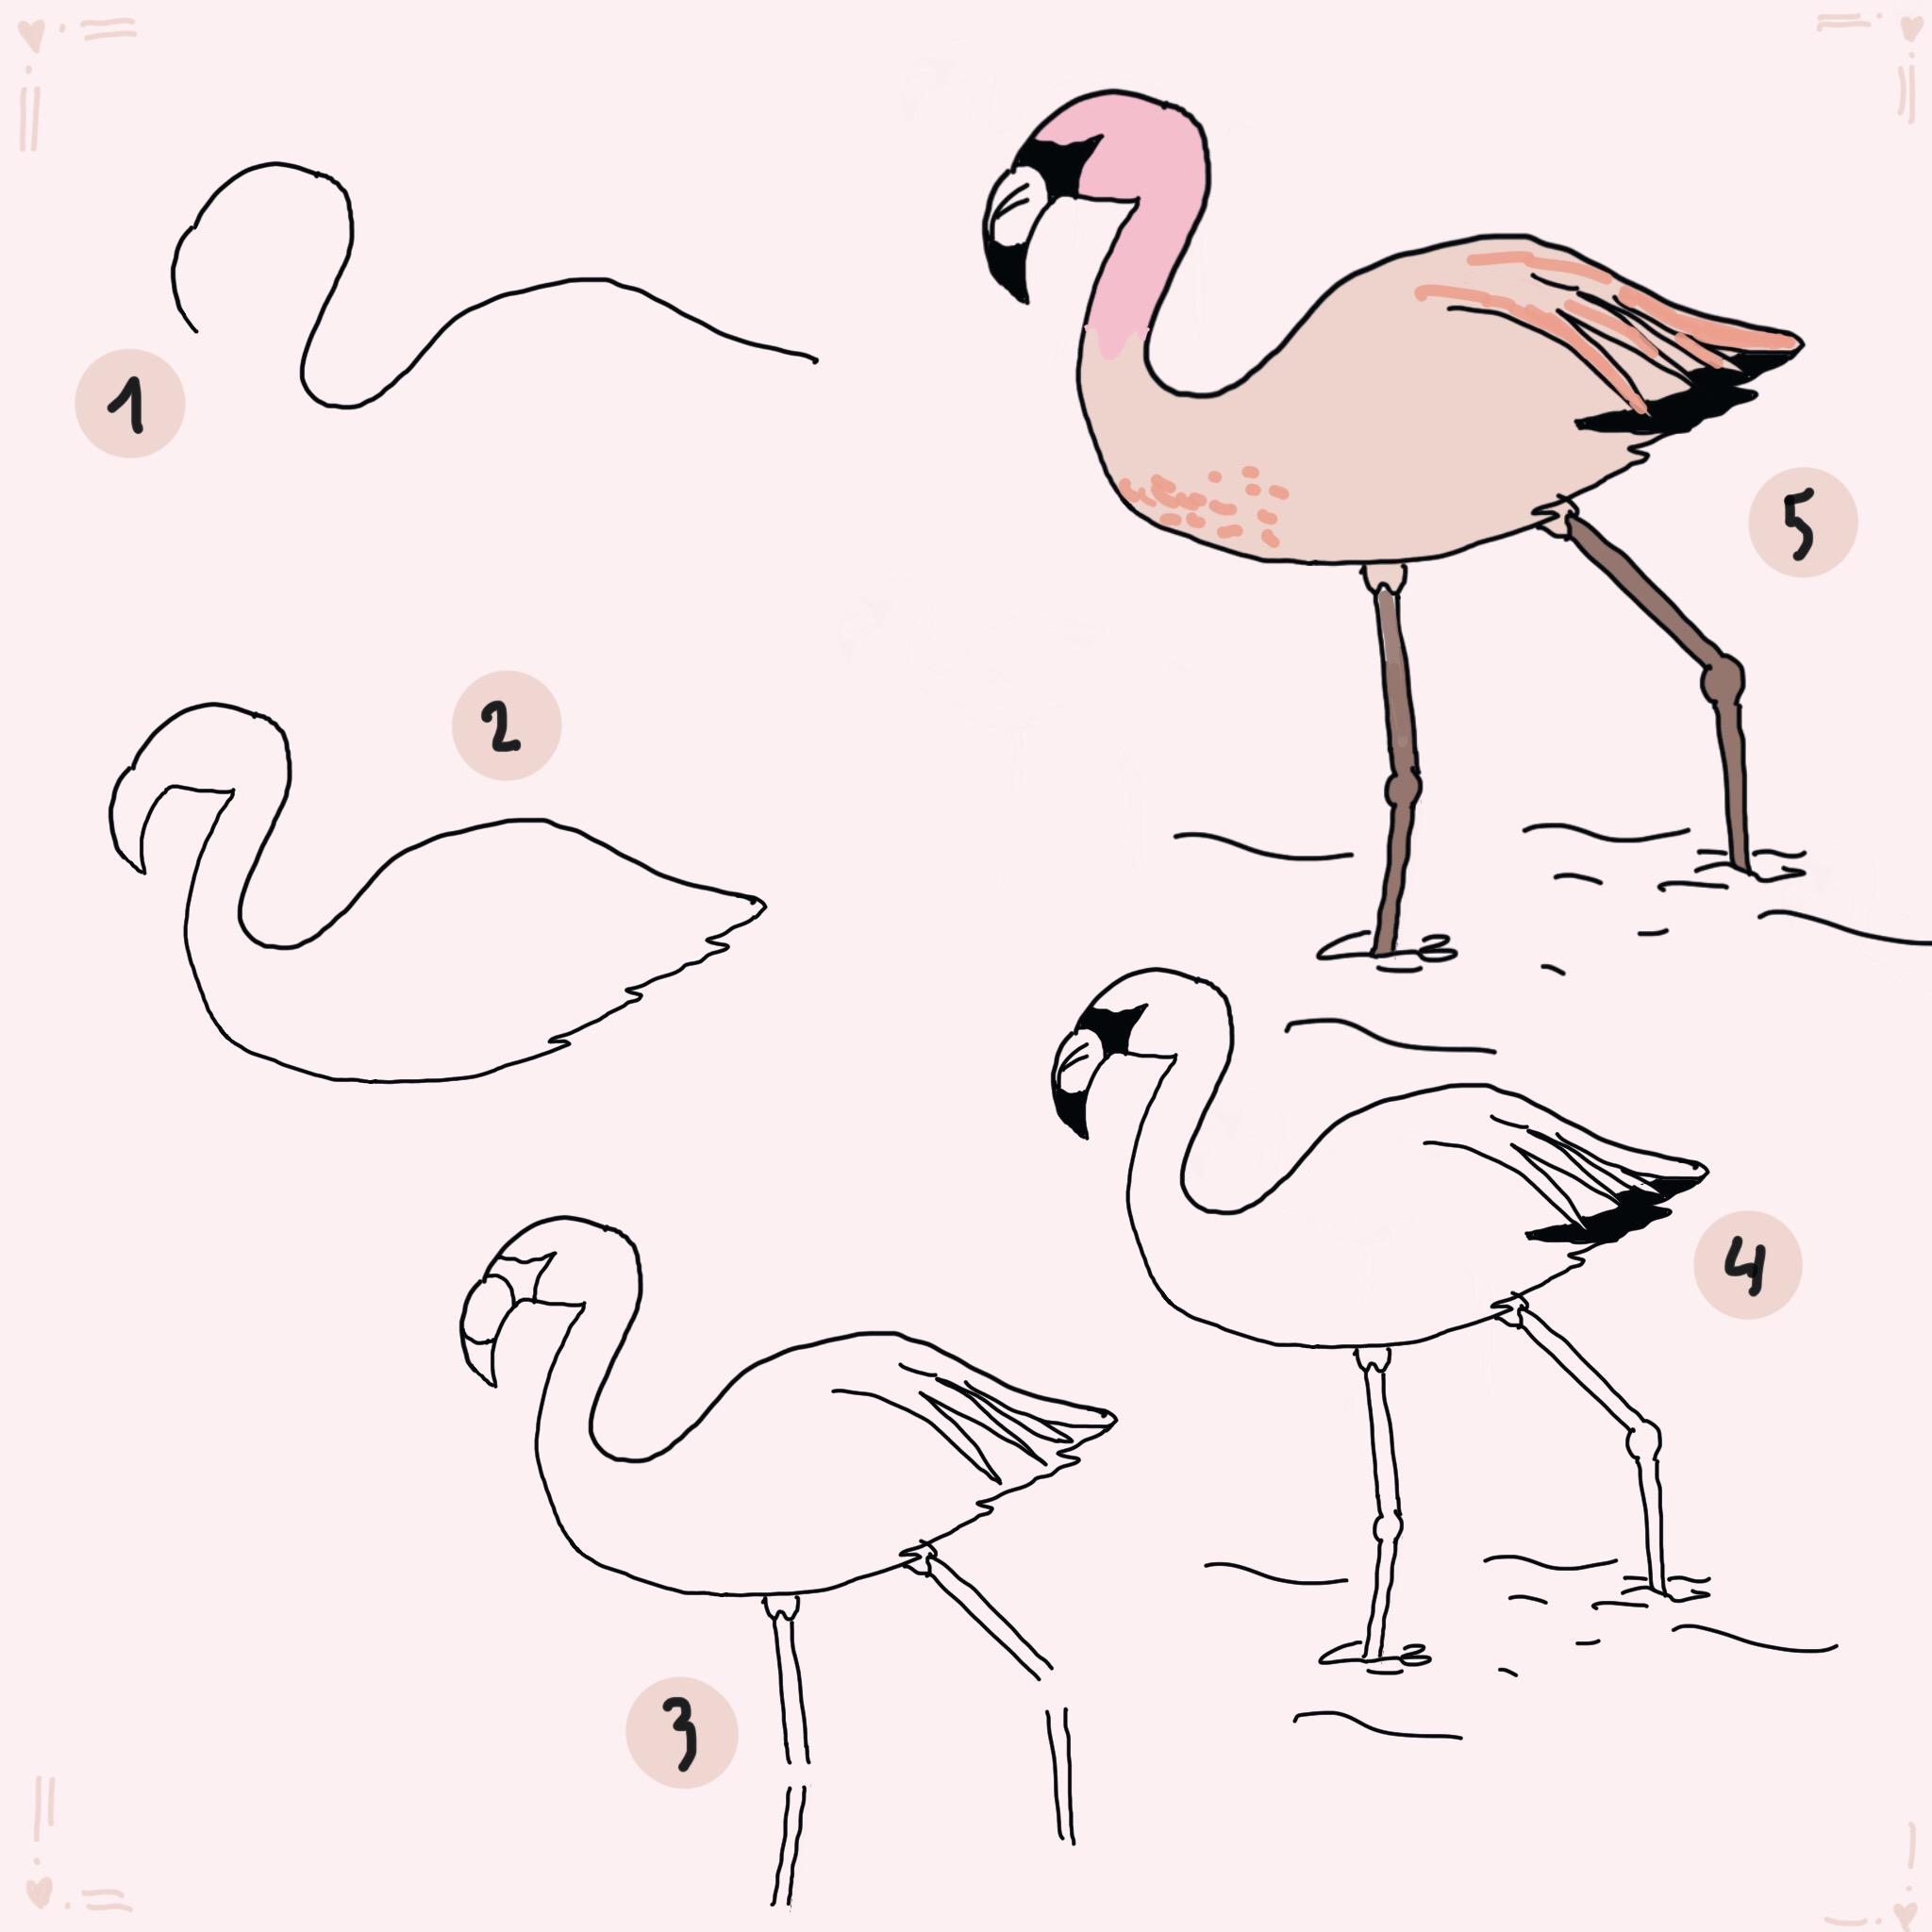 Flamingo Malvorlage Malvorlagen Bilder Zum Ausmalen Vorlagen 0